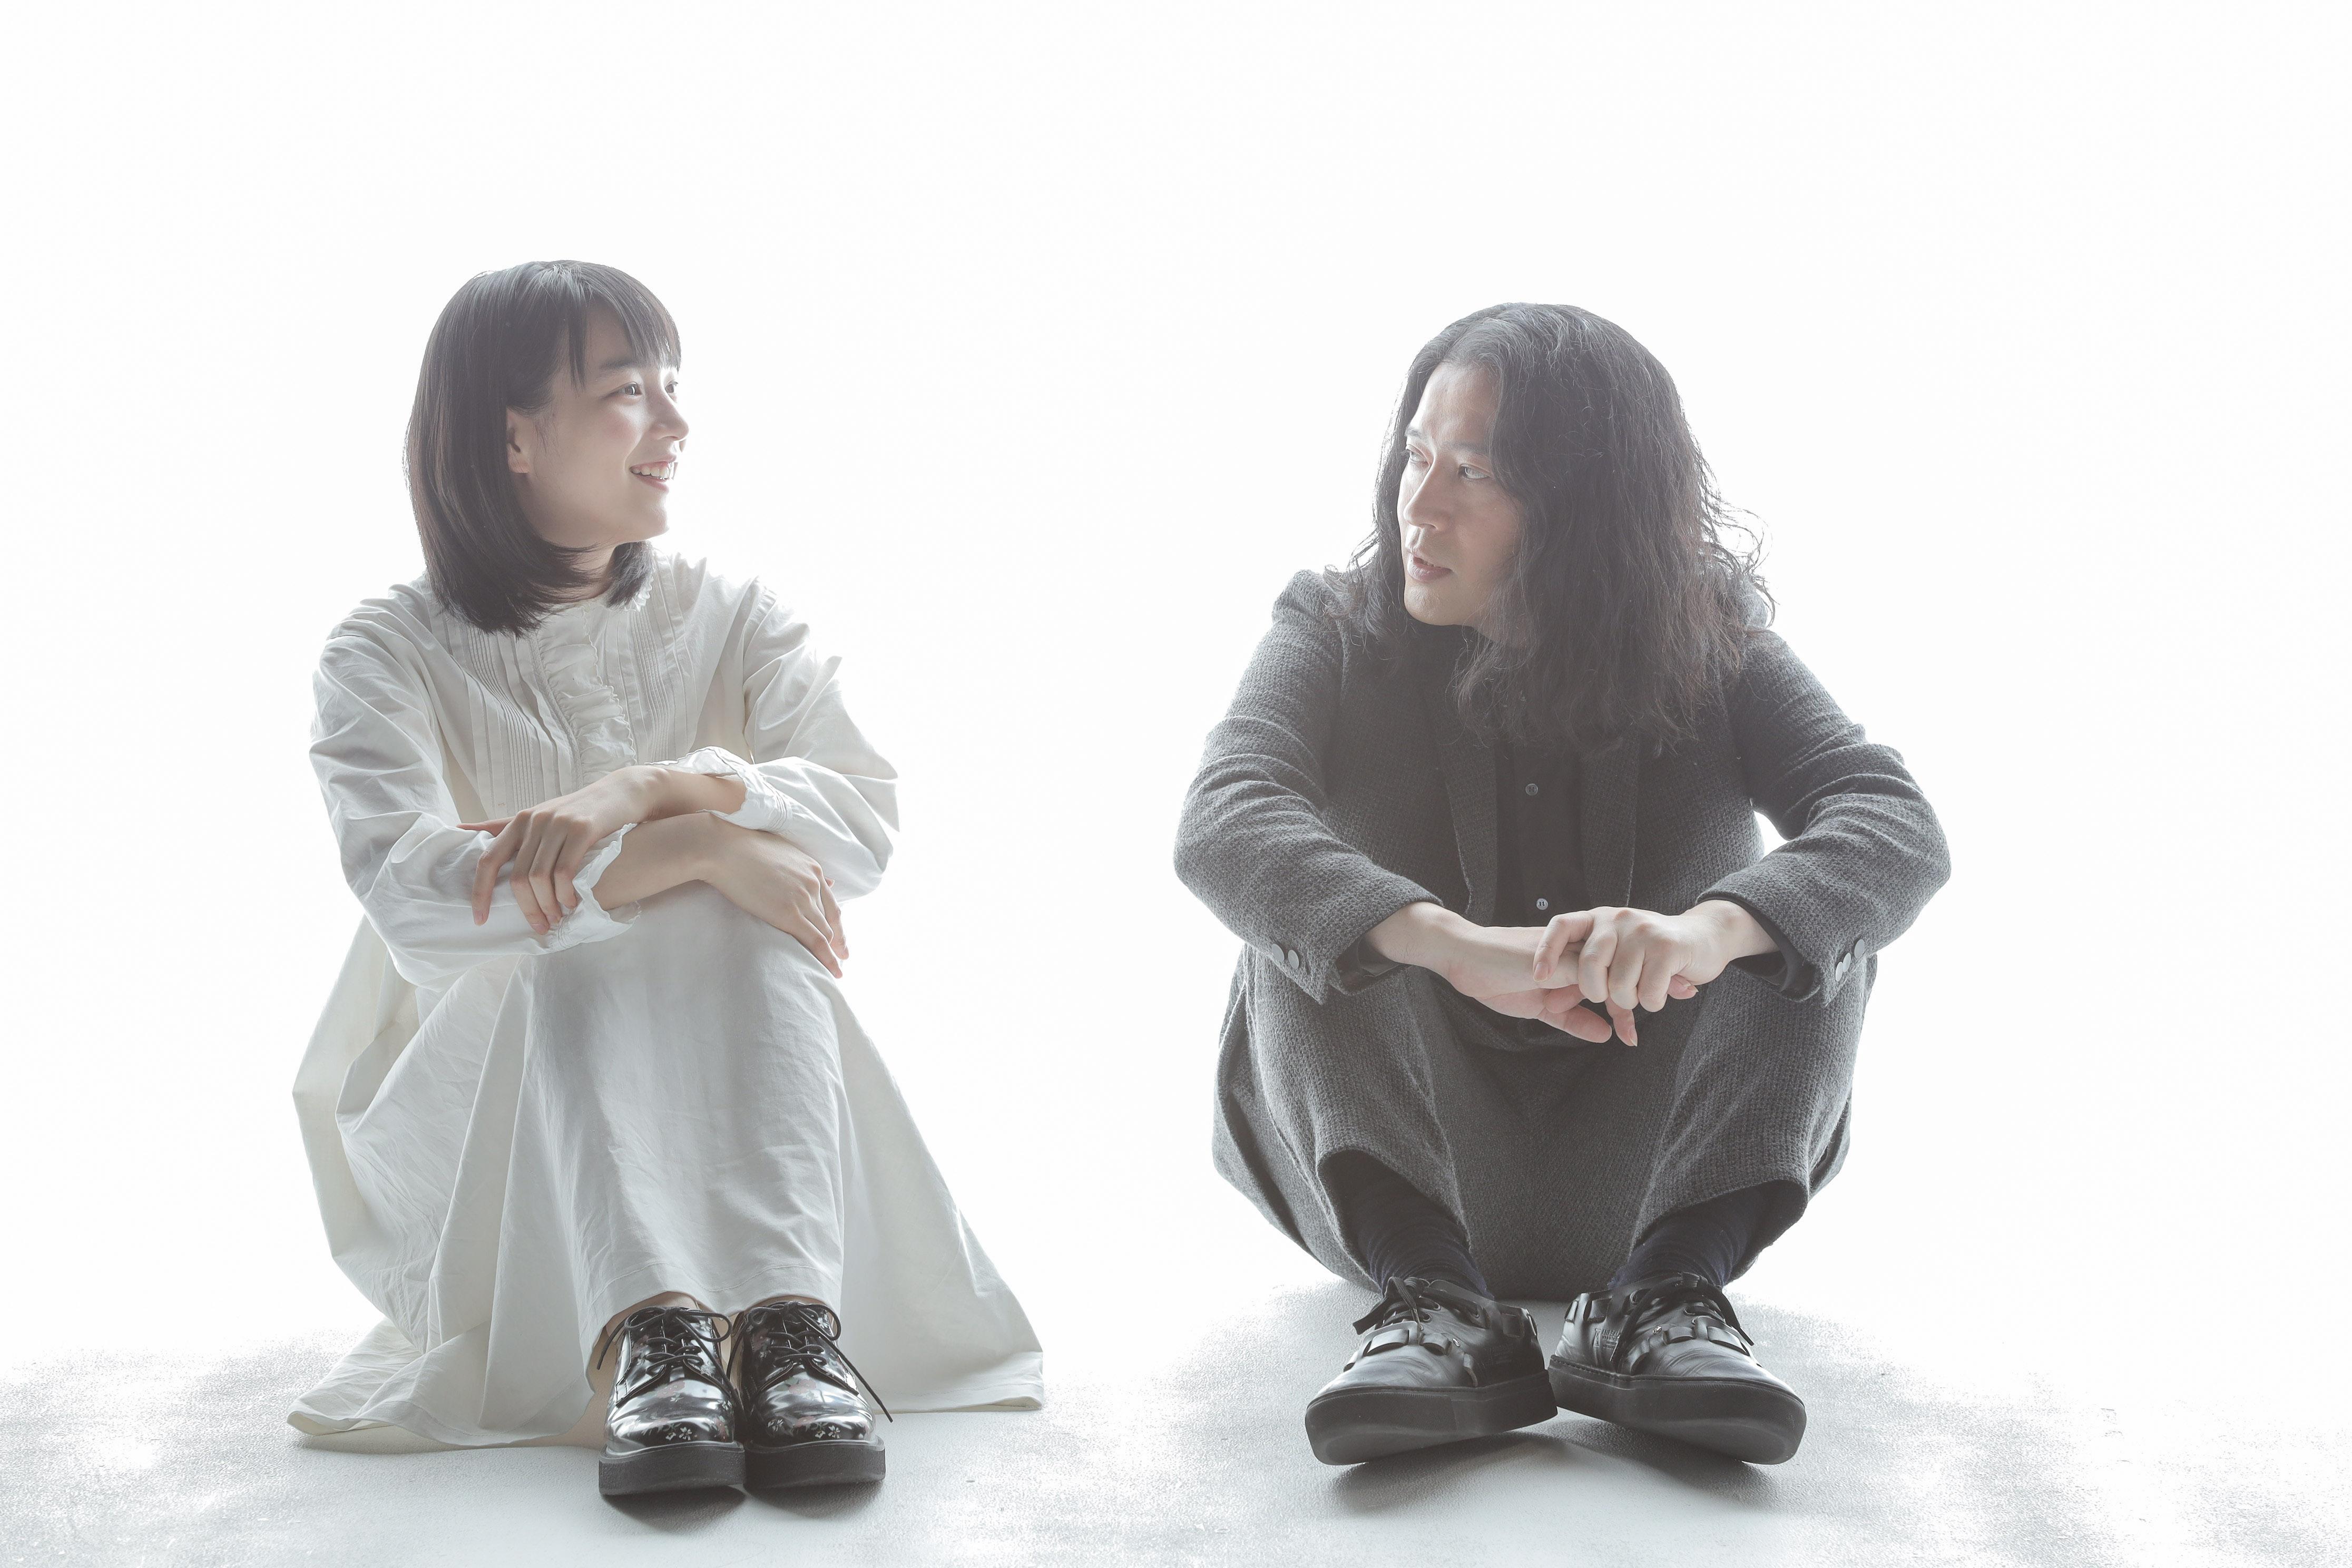 女優・のん、又吉直樹とのコラボ動画を公開「とても不思議な空気が…」